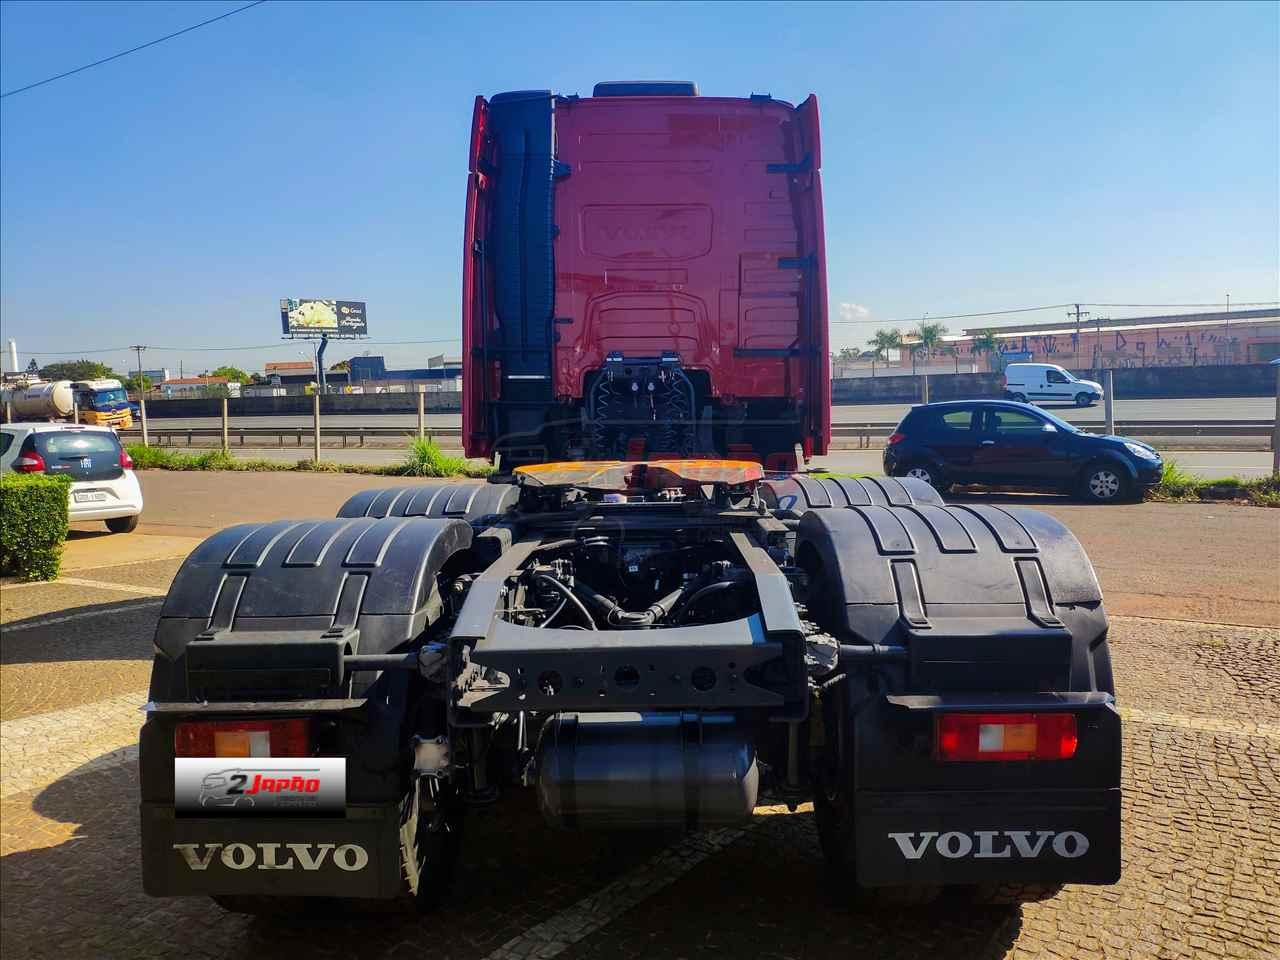 VOLVO VOLVO FH 540 144000km 2019/2020 2 Japão Caminhões e Carretas